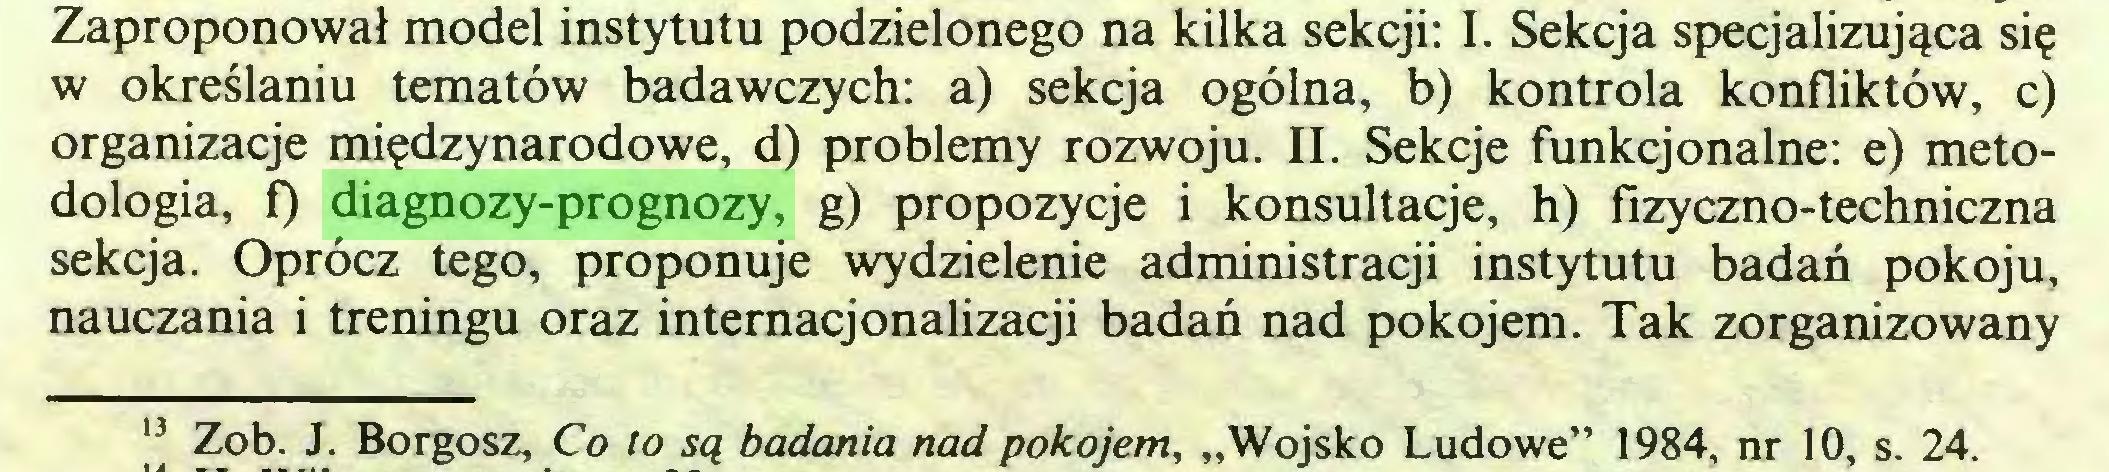 """(...) Zaproponował model instytutu podzielonego na kilka sekcji: I. Sekcja specjalizująca się w określaniu tematów badawczych: a) sekcja ogólna, b) kontrola konfliktów, c) organizacje międzynarodowe, d) problemy rozwoju. II. Sekcje funkcjonalne: e) metodologia, f) diagnozy-prognozy, g) propozycje i konsultacje, h) fizyczno-techniczna sekcja. Oprócz tego, proponuje wydzielenie administracji instytutu badań pokoju, nauczania i treningu oraz internacjonalizacji badań nad pokojem. Tak zorganizowany 13 Zob. J. Borgosz, Co to są badania nad pokojem, """"Wojsko Ludowe"""" 1984, nr 10, s. 24..."""